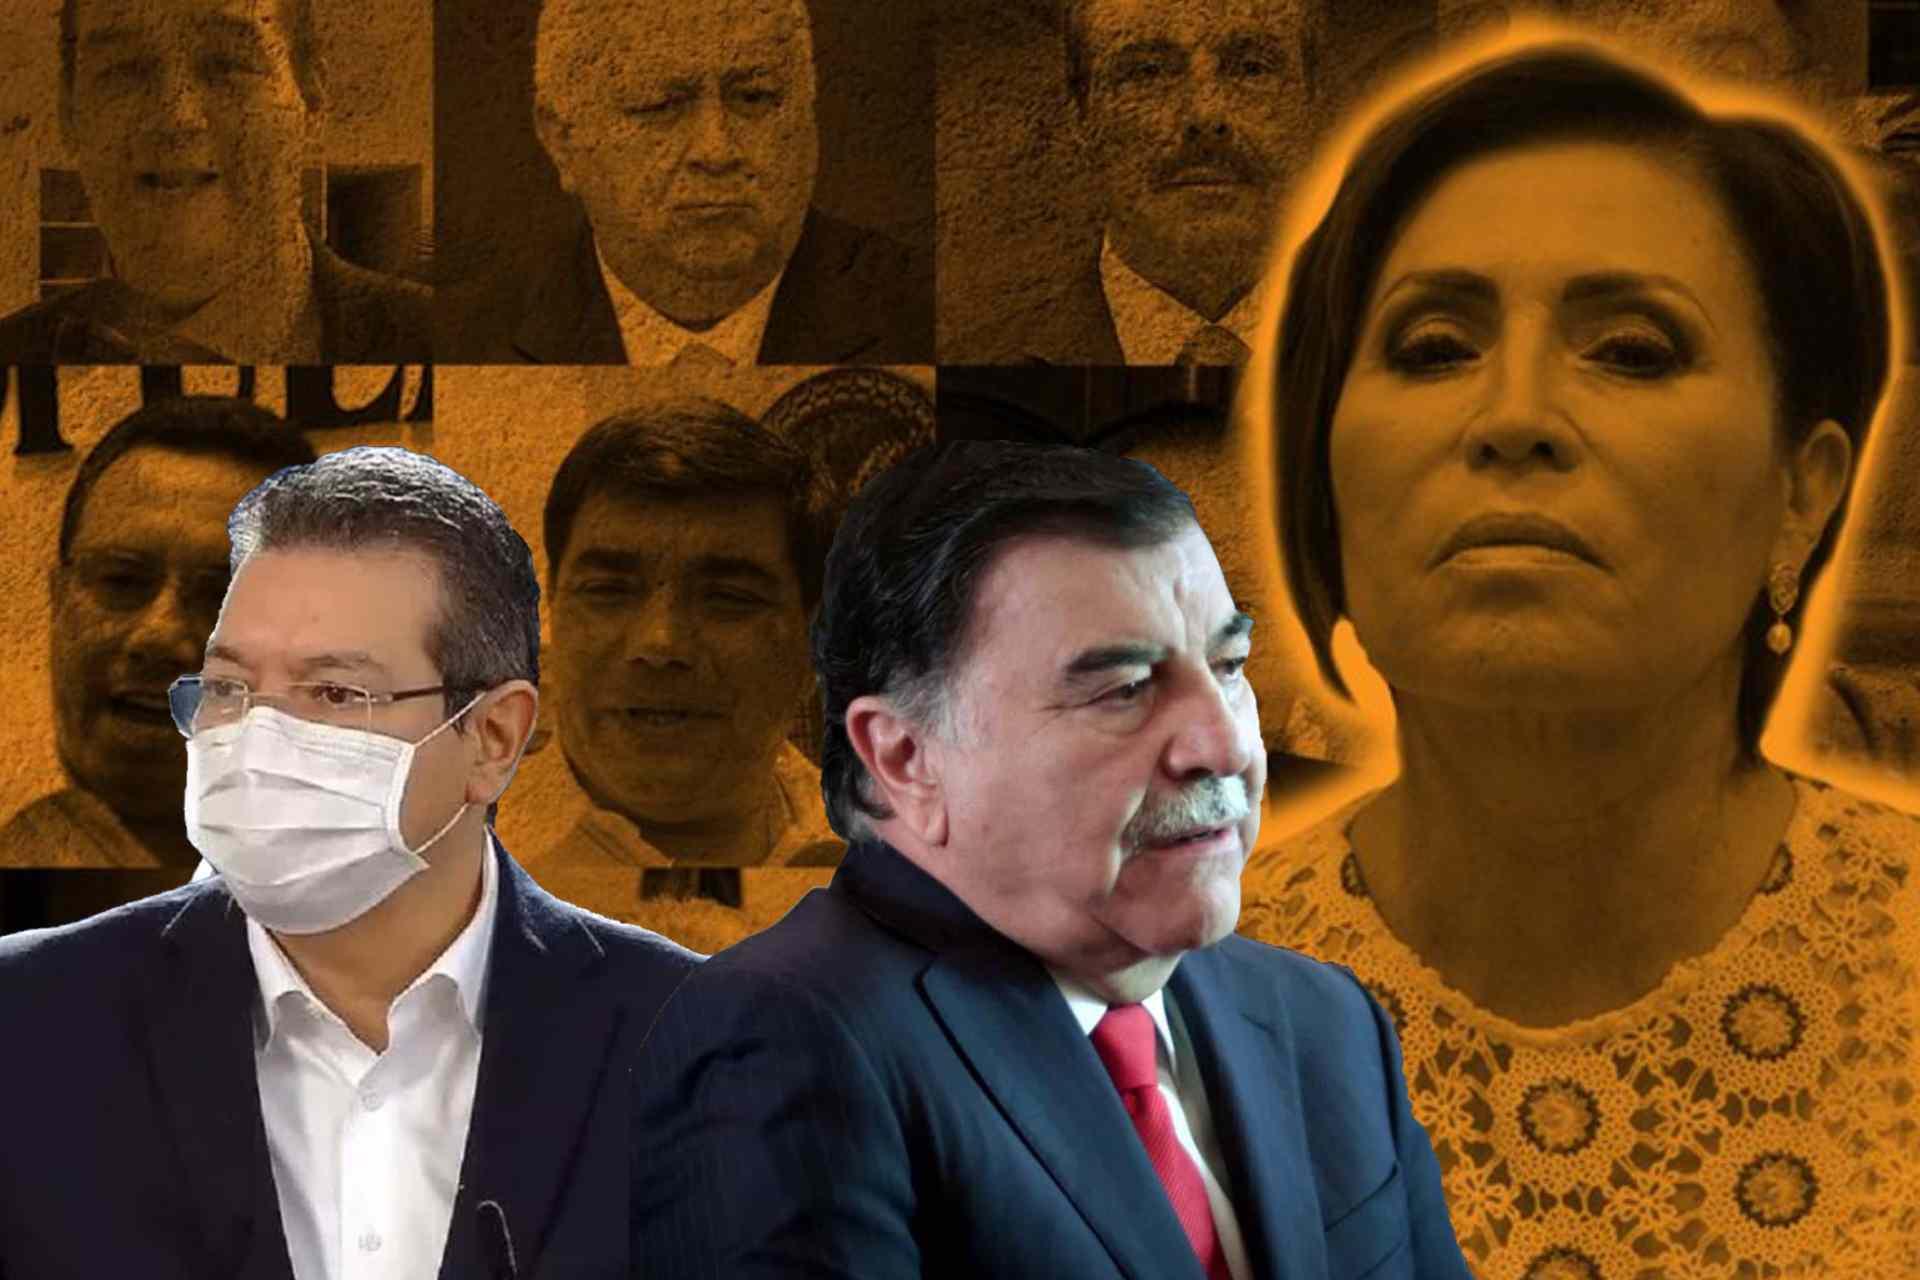 estafa-maestra-Periodismo-Mena-Tlaxcala-Marco-Mariano-González-Zarur.